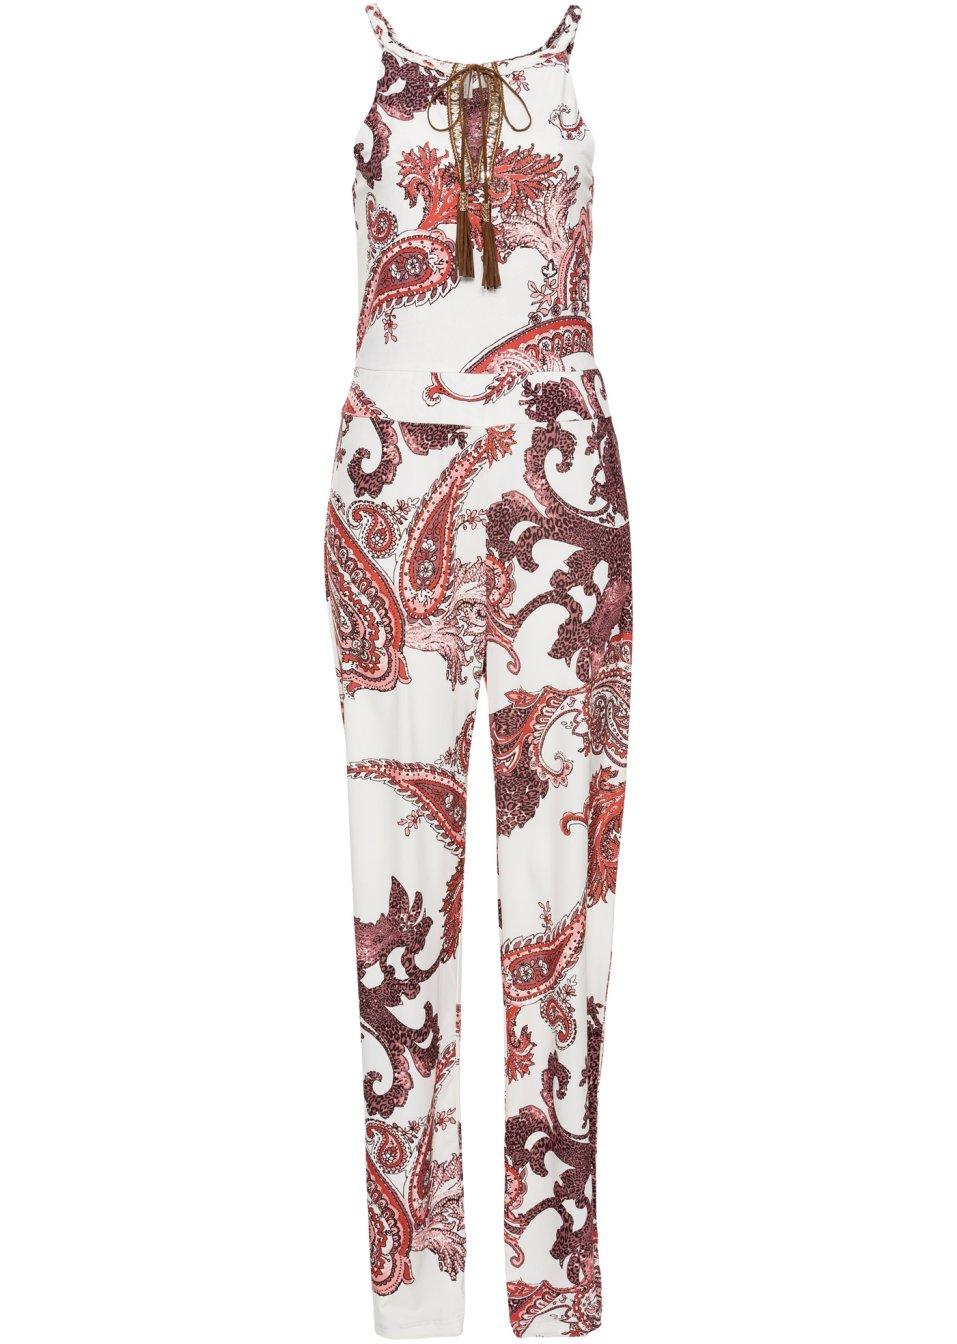 femininer overall mit schn rung und allover druck rot gemustert. Black Bedroom Furniture Sets. Home Design Ideas